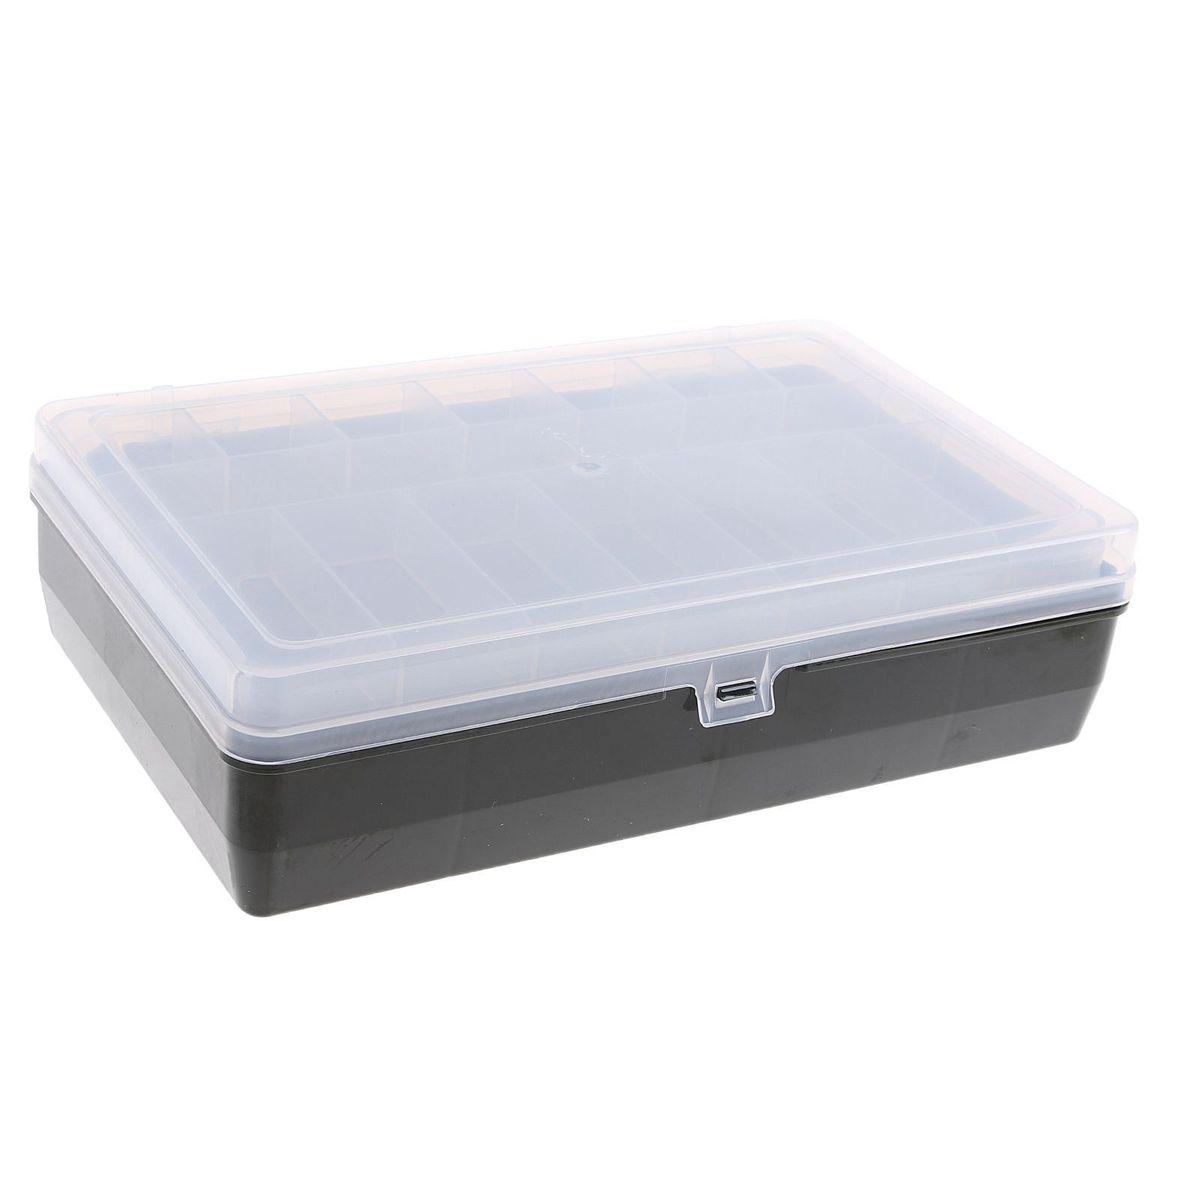 Коробка для крючков и насадок Тривол, двухъярусная , цвет: зеленый, 24х15х6,5 смH009Коробки для крючков, как и другие аксессуары для рыбалки, помогут сделать процесс подготовки к самой рыбной ловле максимально удобным. Сегодня мы можем предложить всем нашим посетителям такие коробки для крючков, которые идеально подойдут в любое время года, для любого типа рыбалки и помогут вовремя отыскать среди всех снастей именно те, которые необходимы на данный момент.